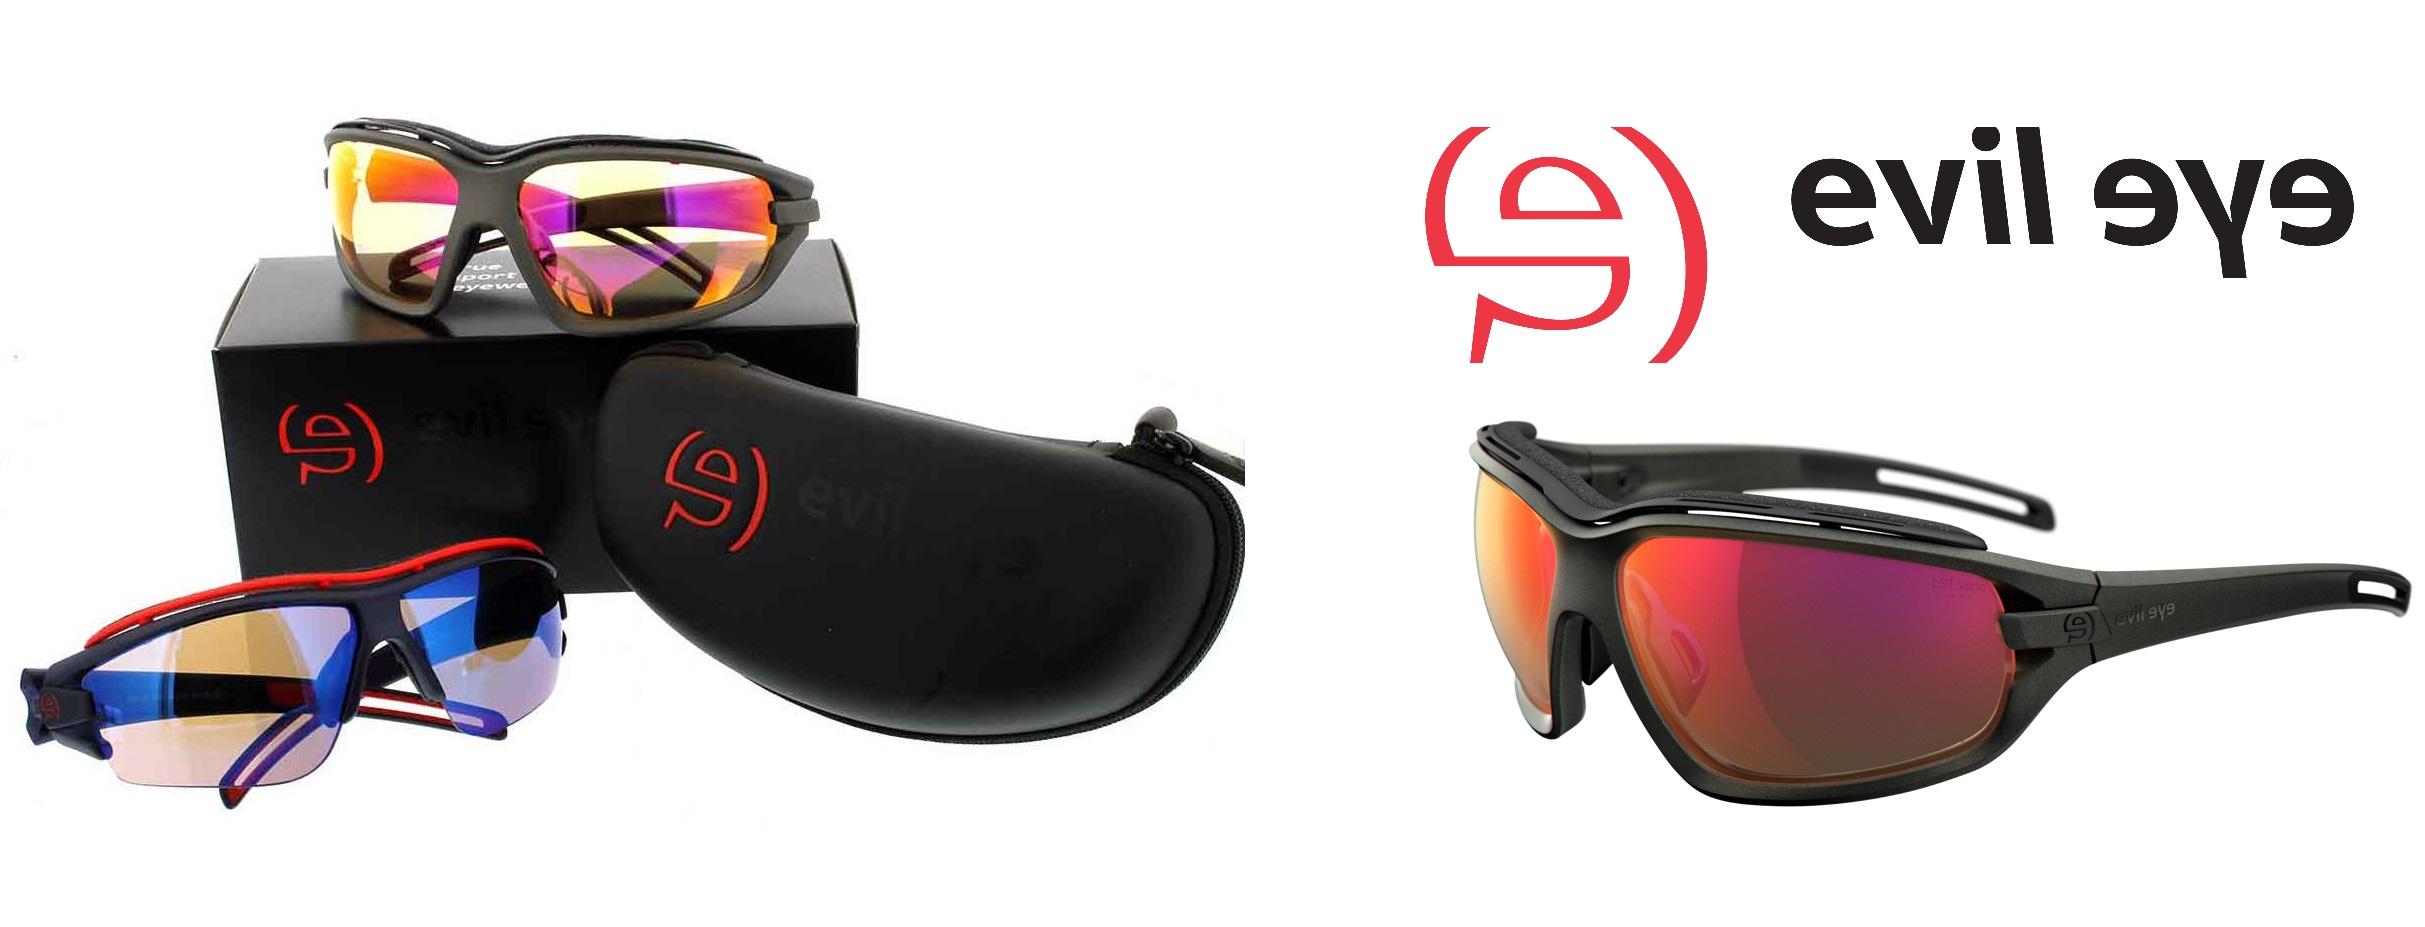 Neodvisni in brezkompromisni, razvijajo in izdelujejo očala.